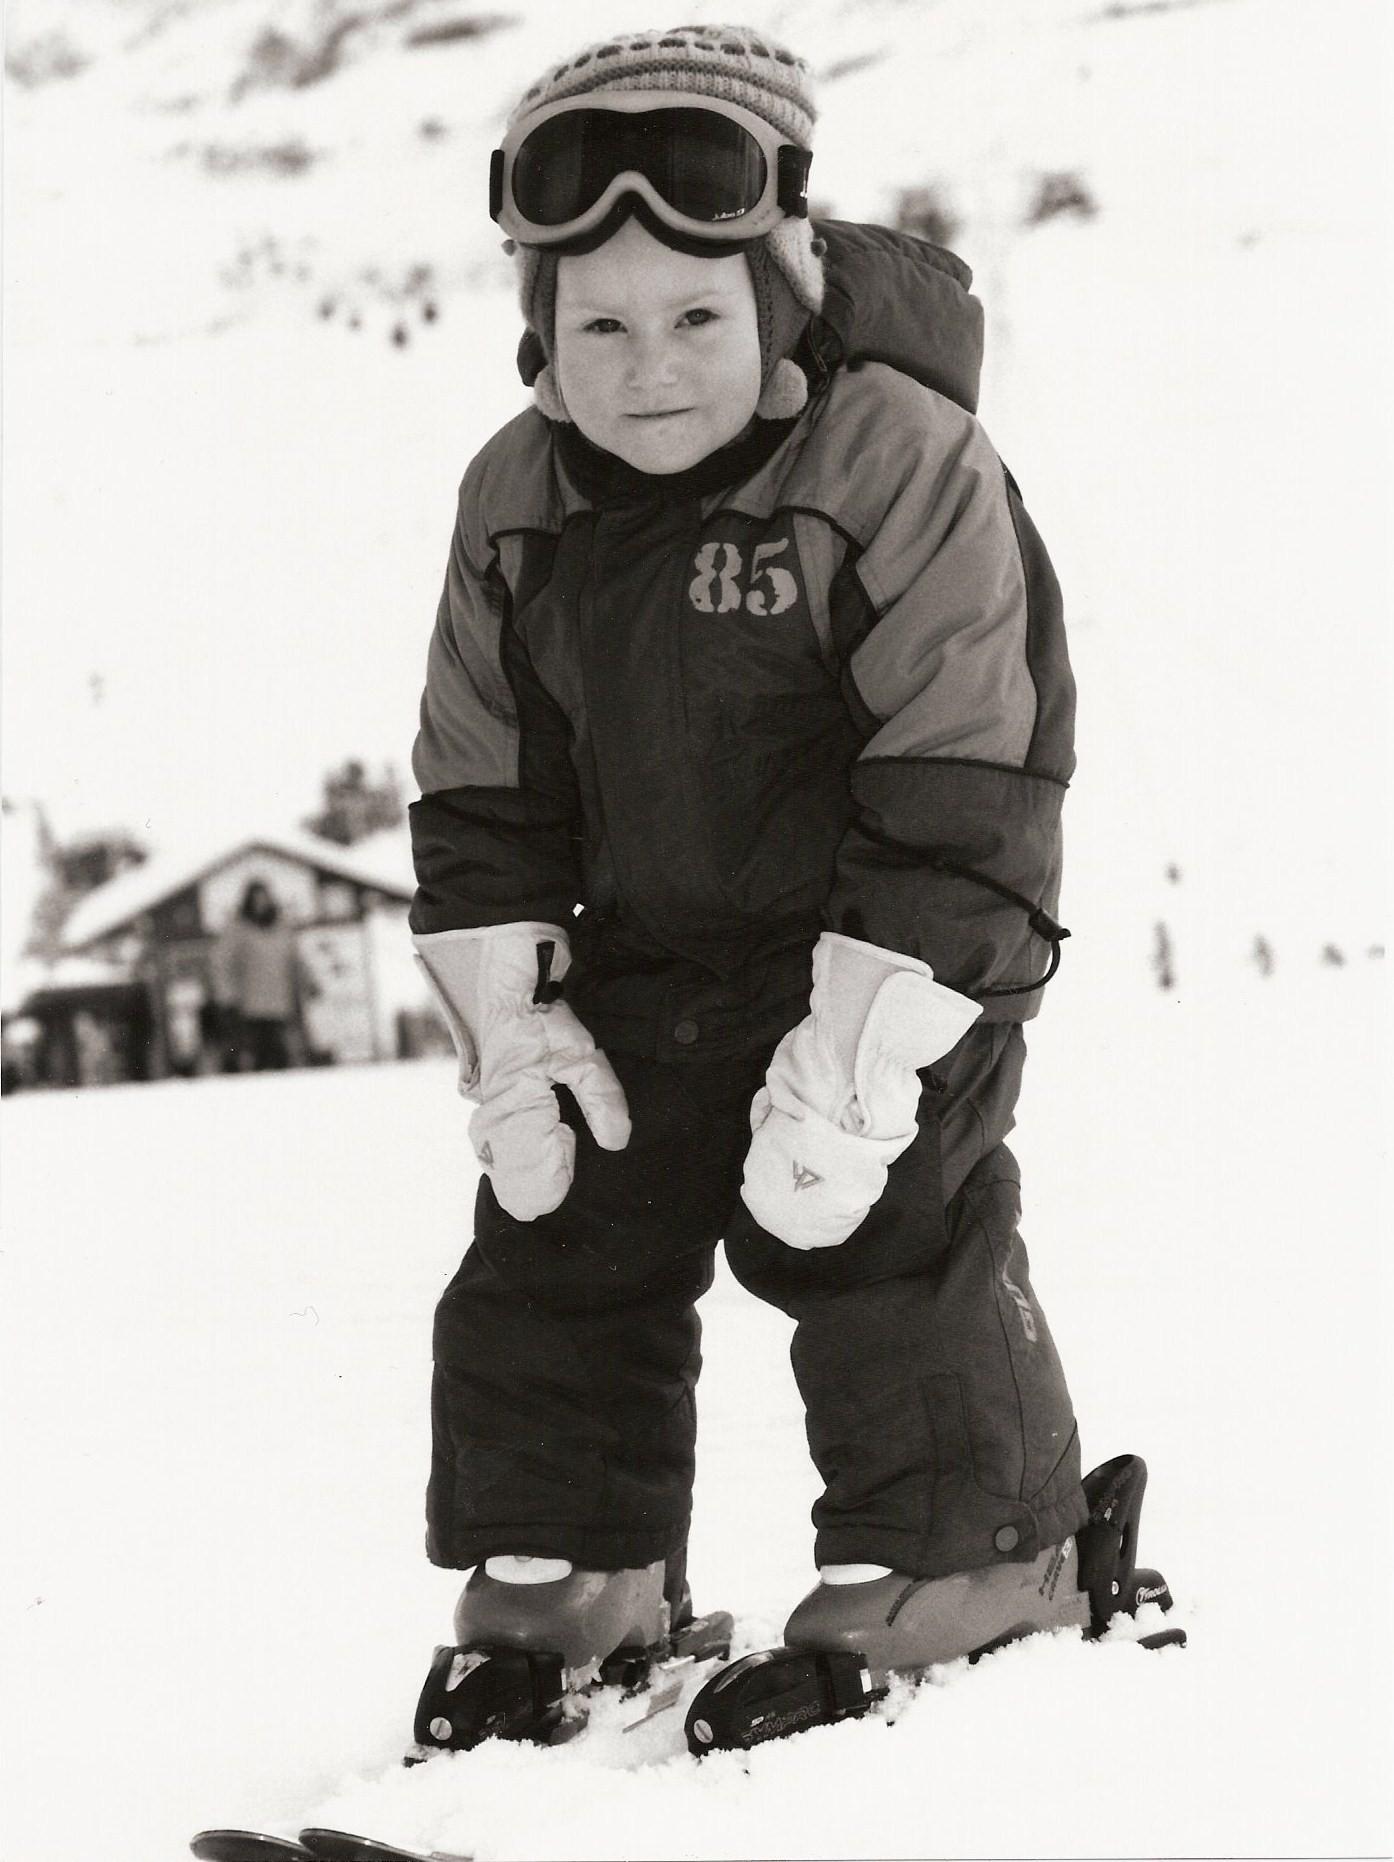 Маленькая горнолыжница (3 г. 7 мес.). Юные спортсмены